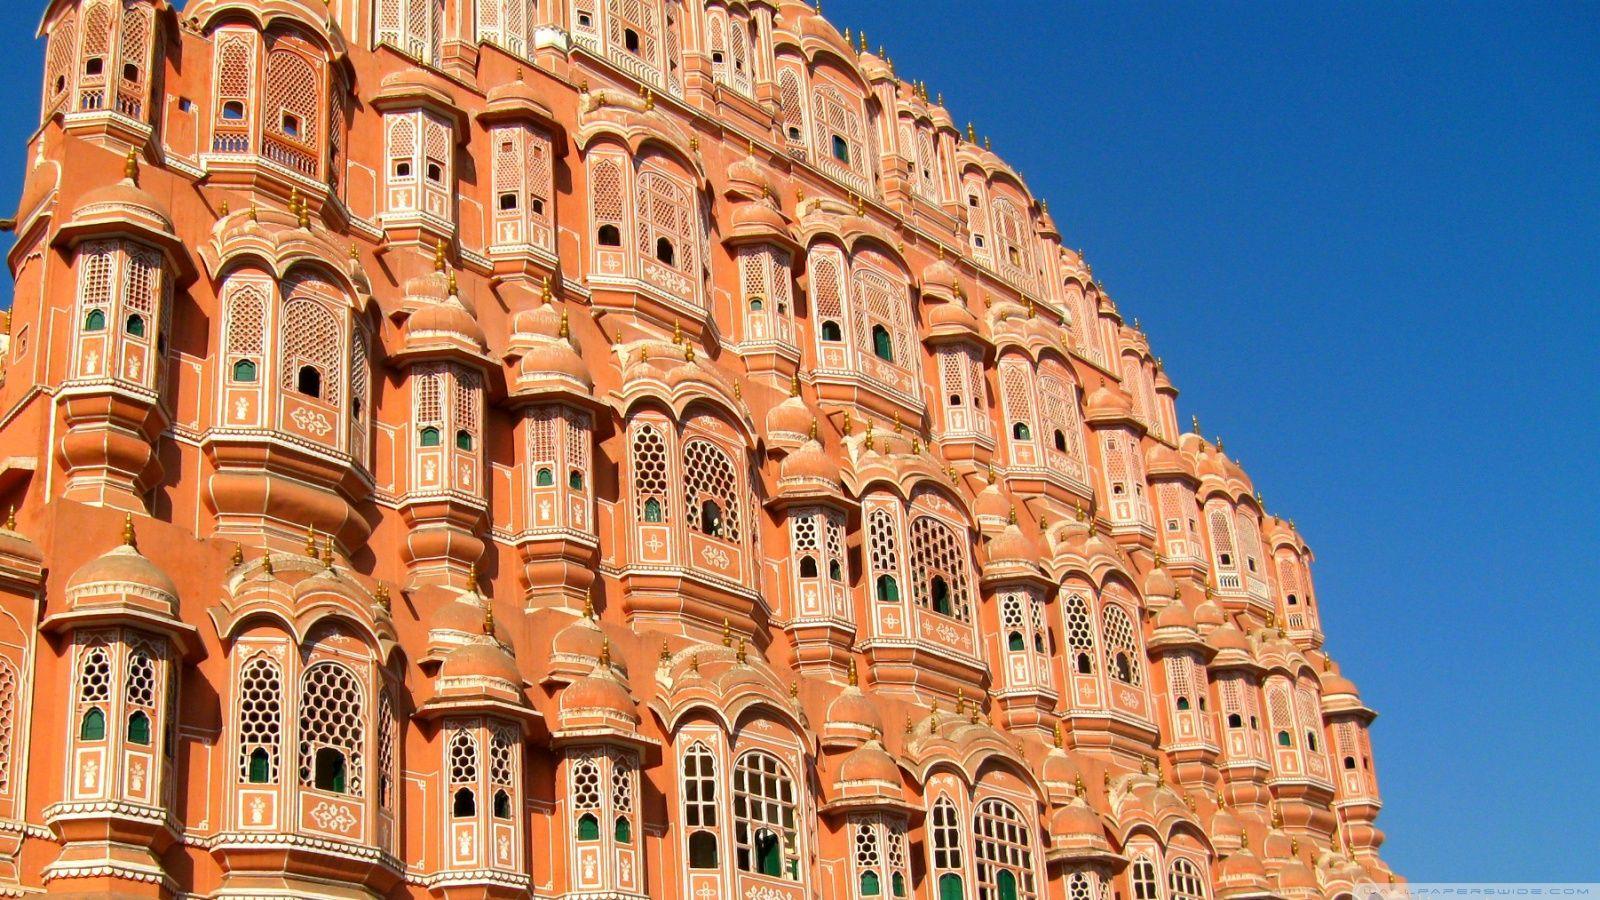 Hawa Mahal Hd Images: Jaipur Wallpapers